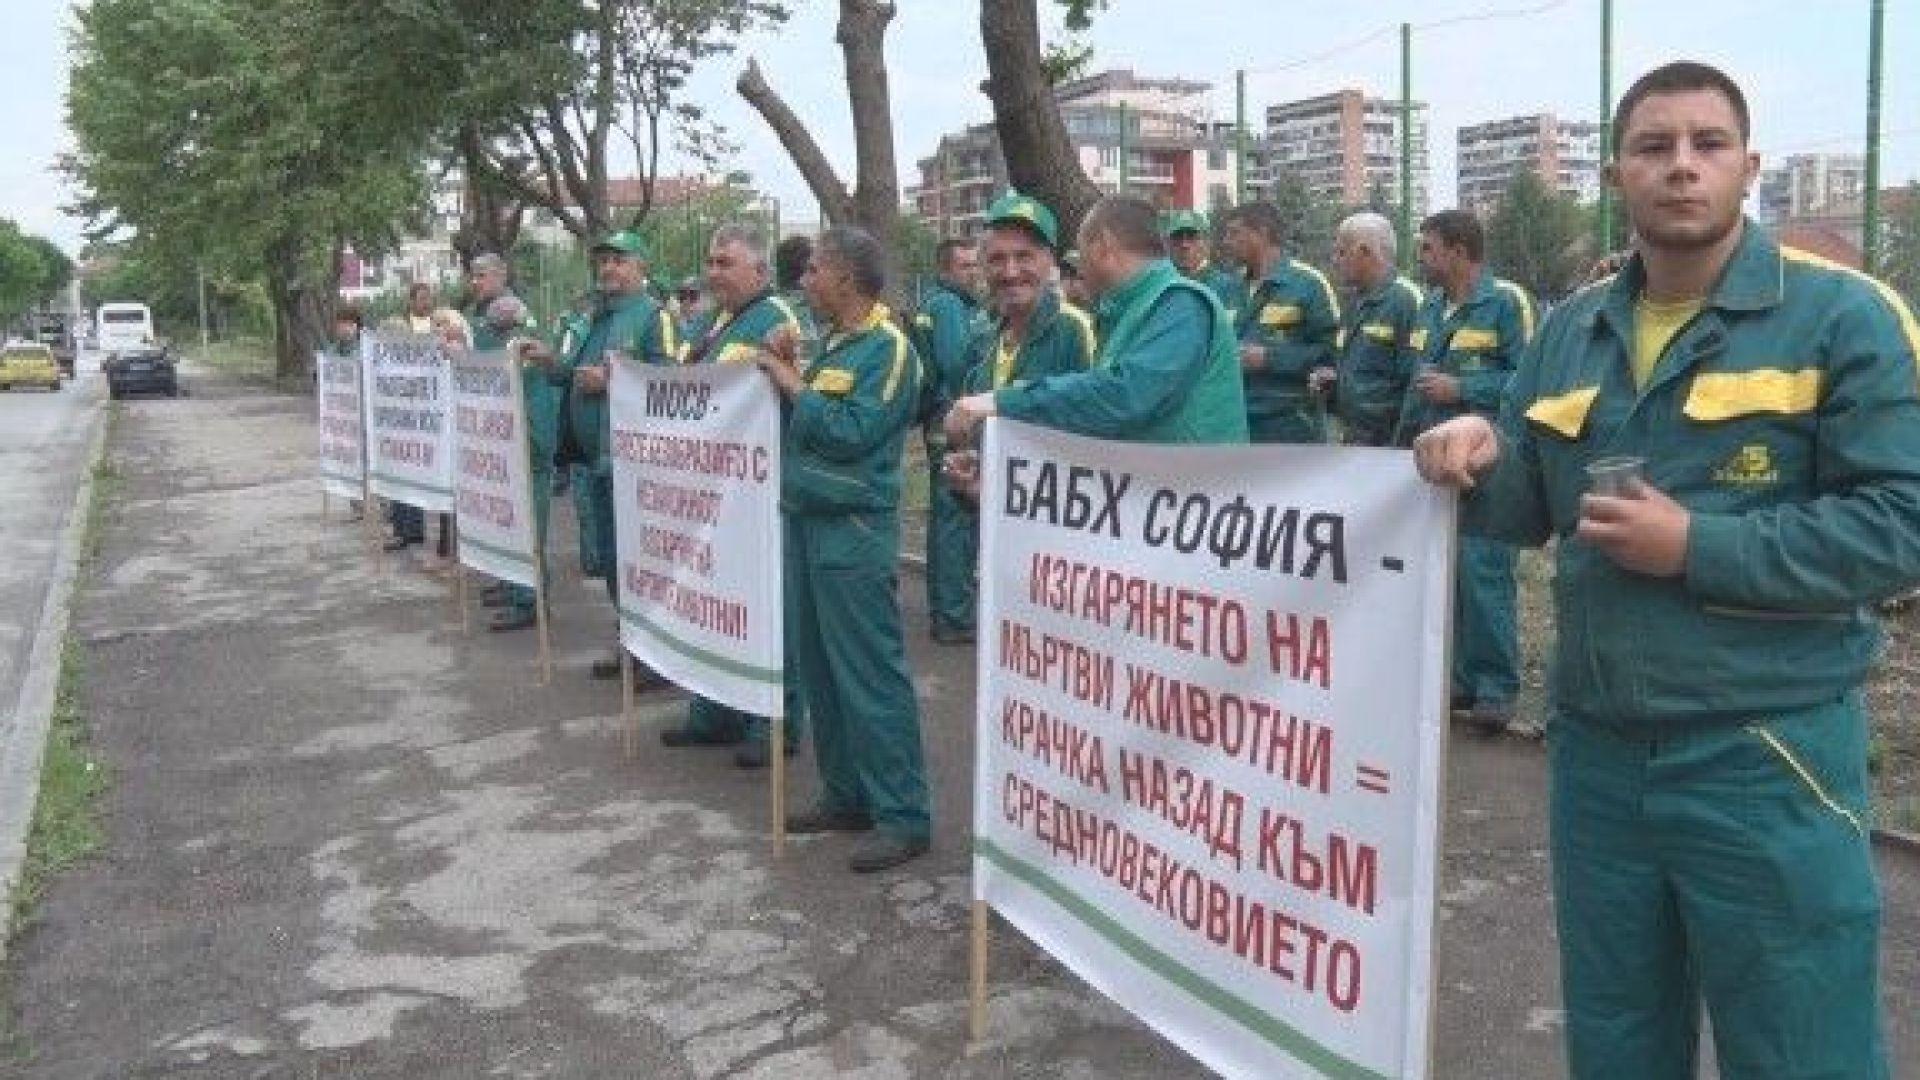 Затвориха екарисажа в Шумен, служителите на протест